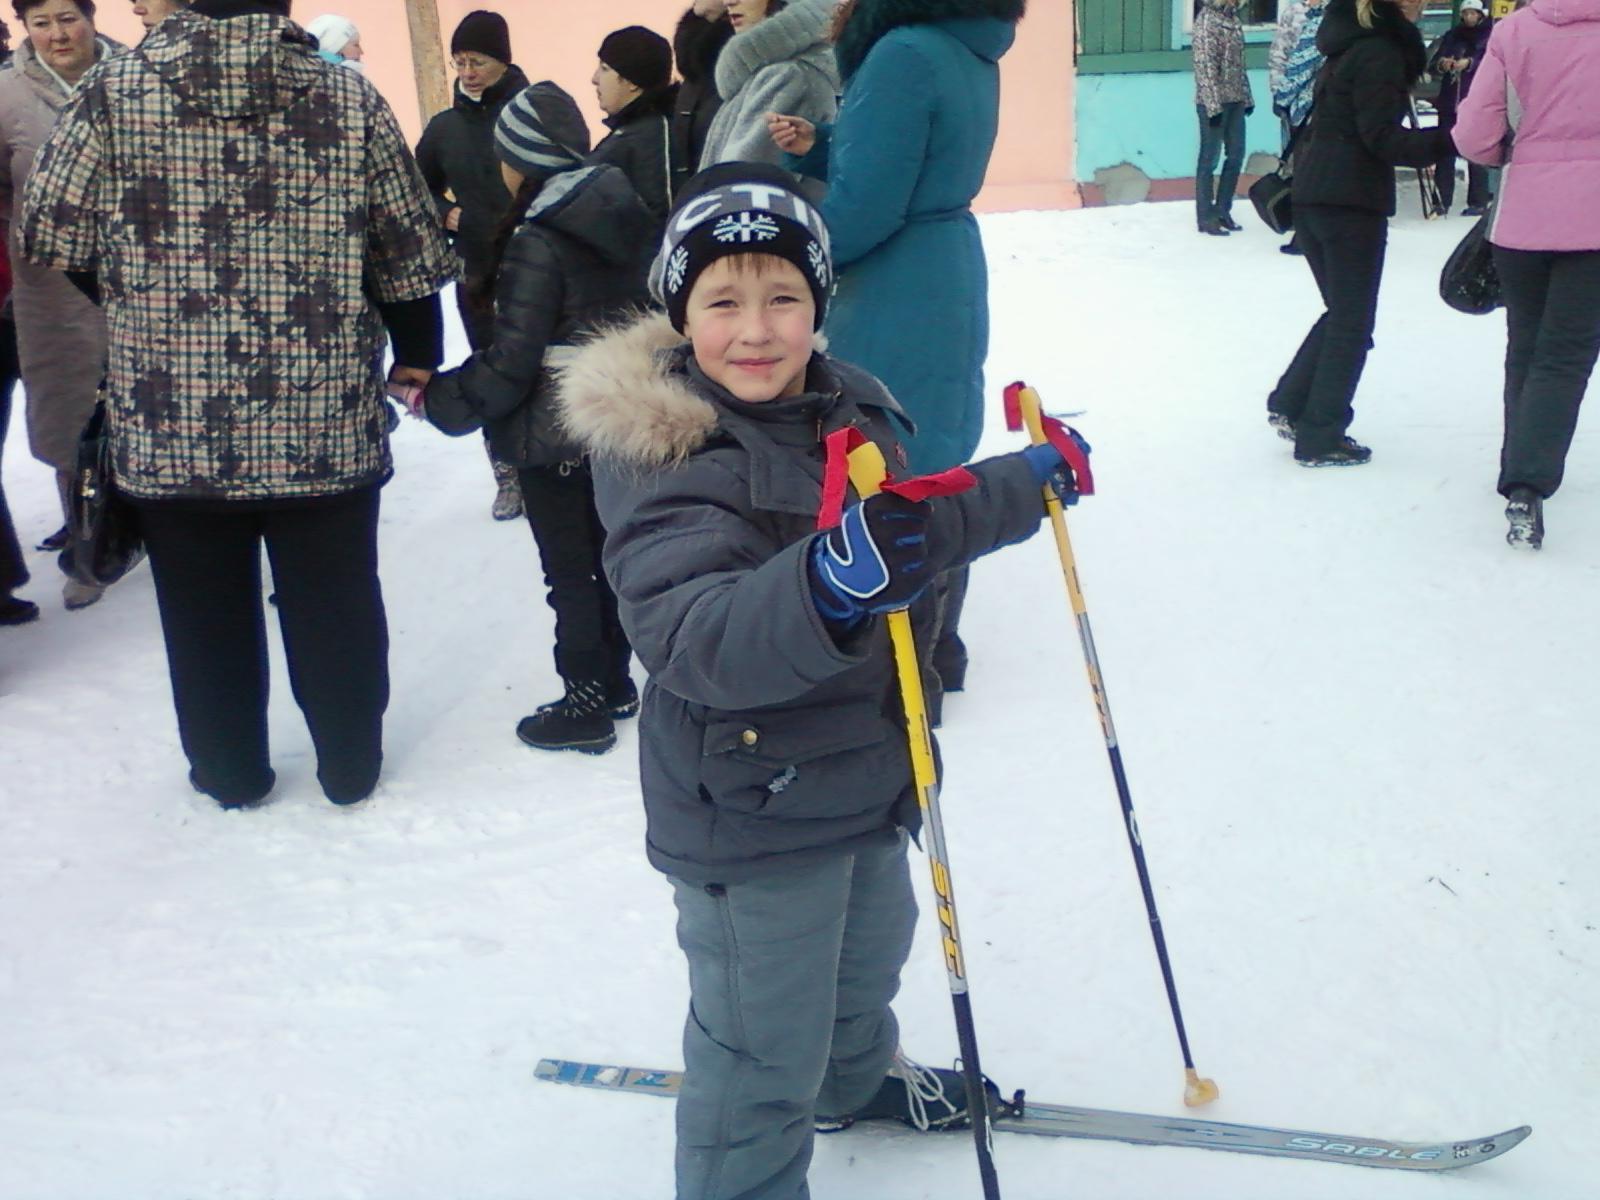 на лыжах. Самый сильный и здоровый!